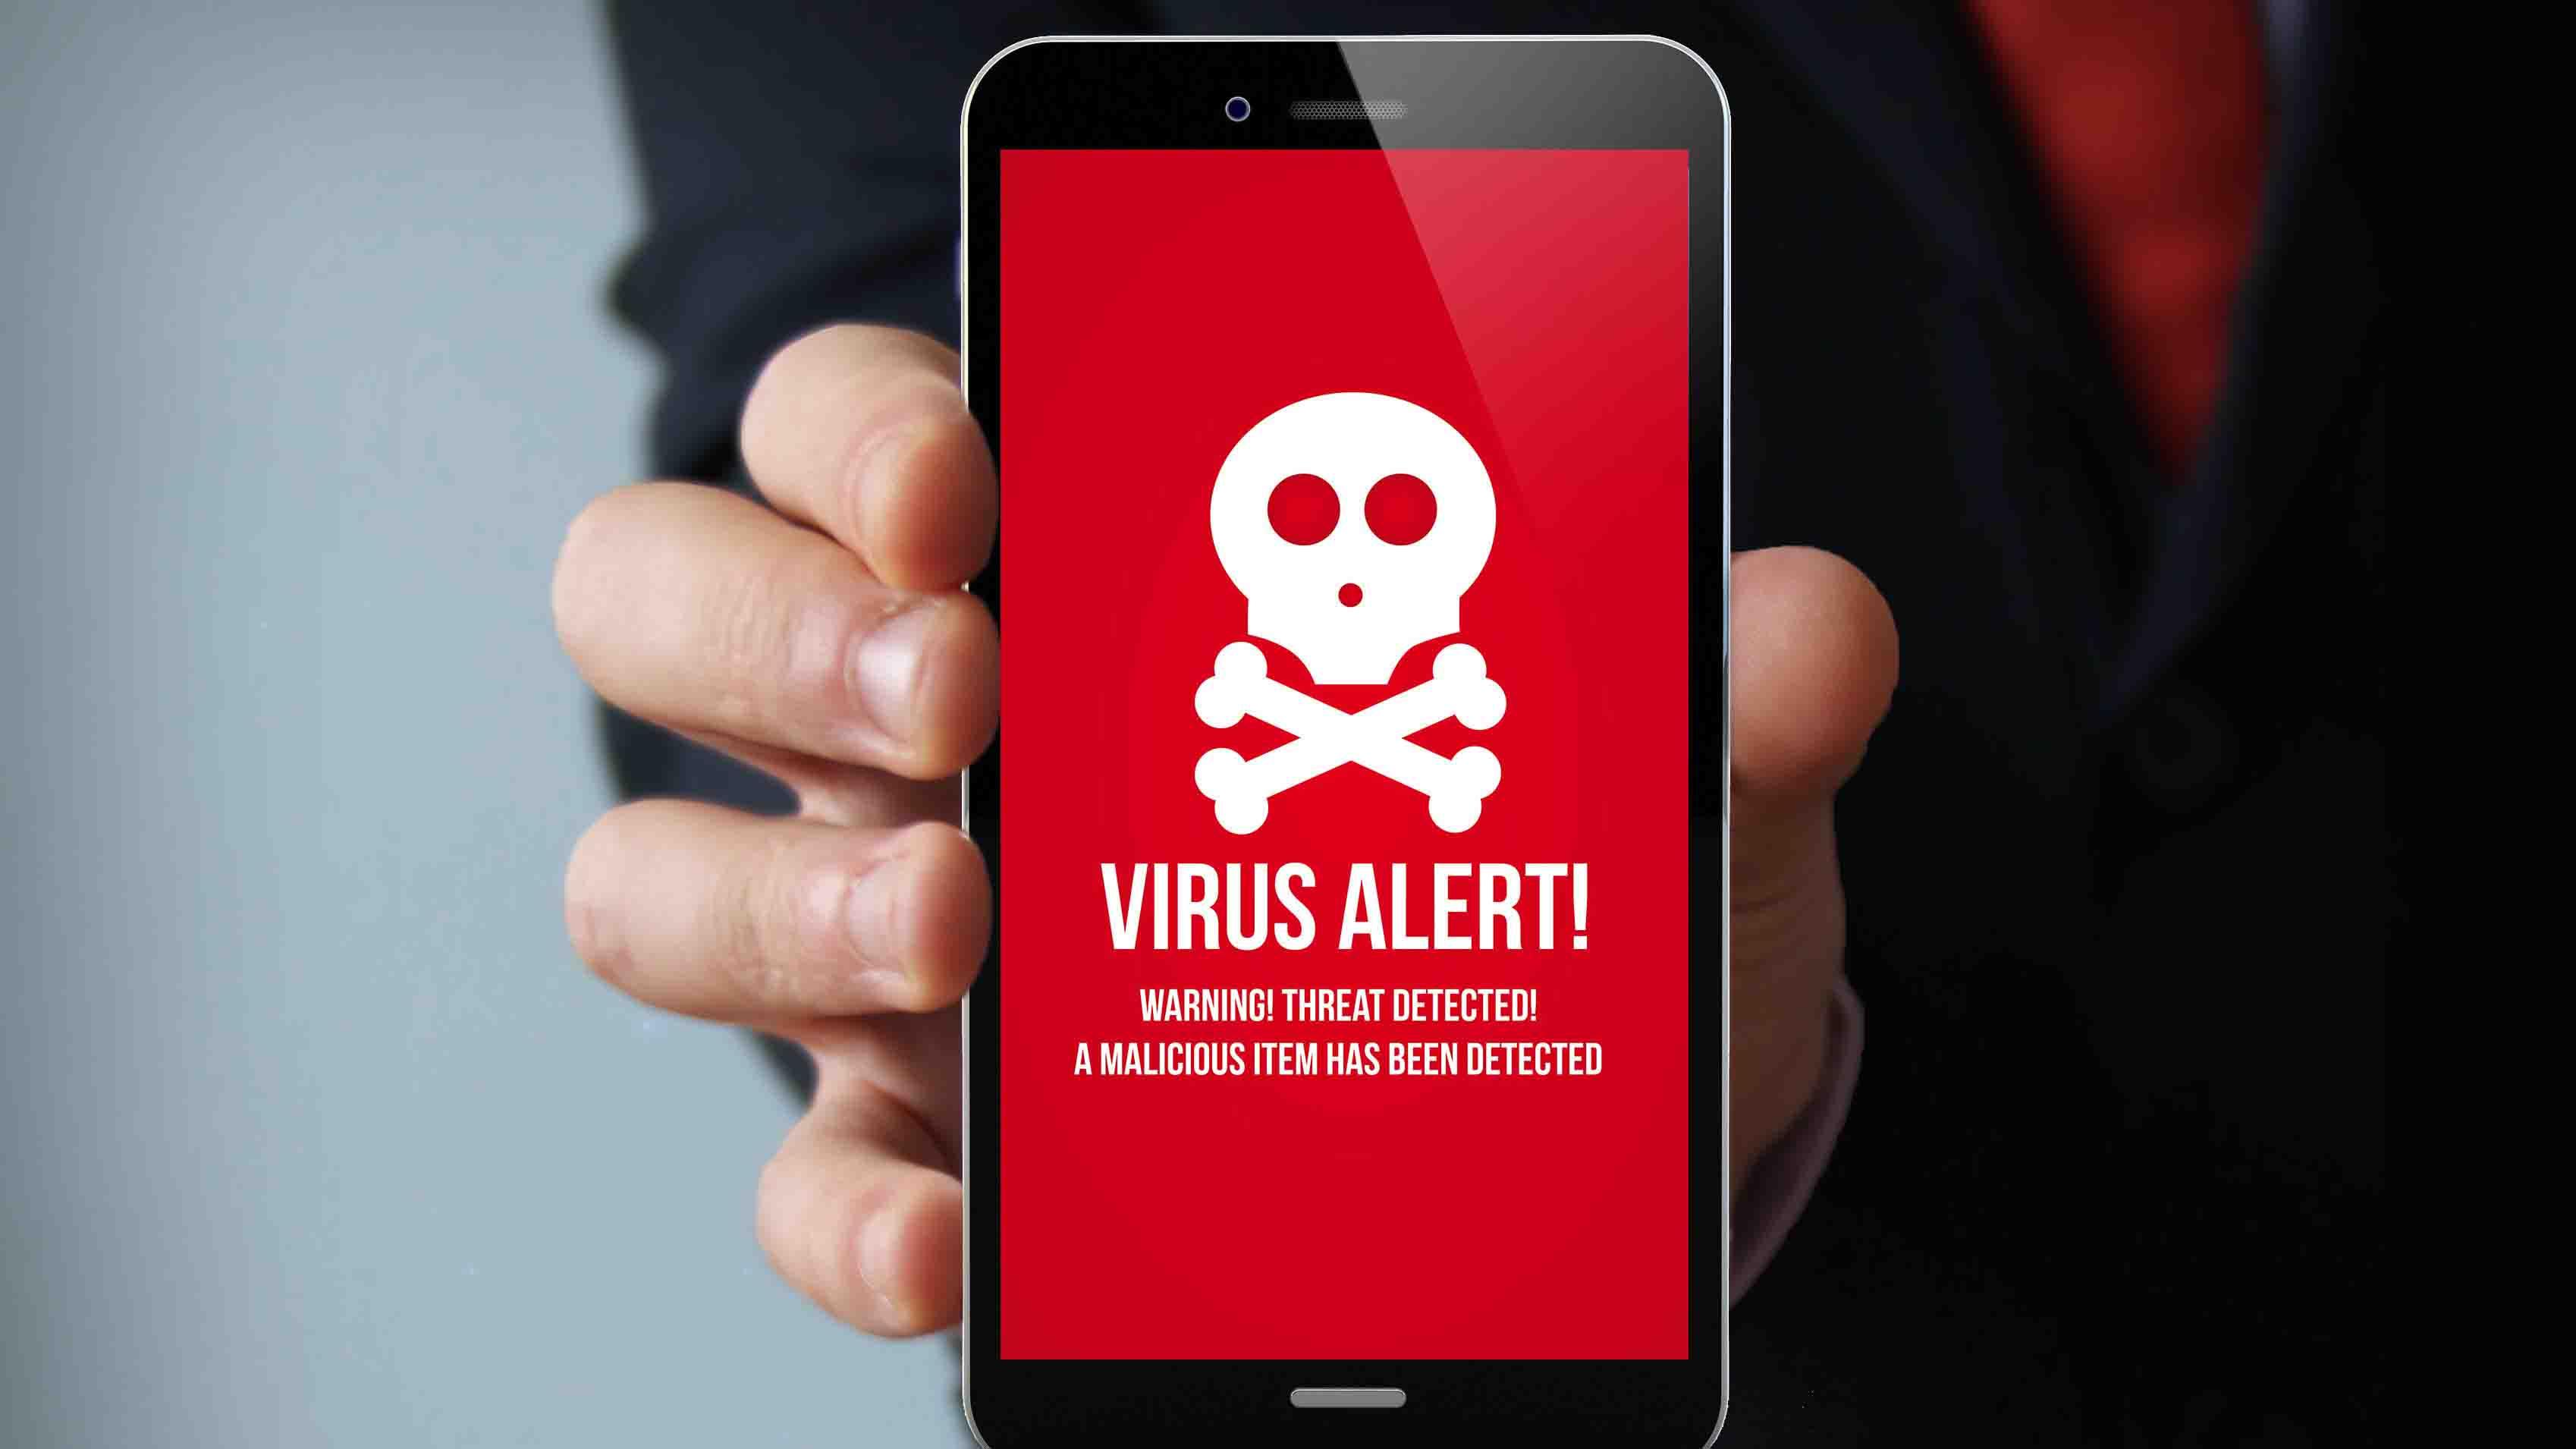 Expertos en ciberseguridad encontraron 13 aplicaciones maliciosasen la tienda de Google Play disfrazadas de juegos